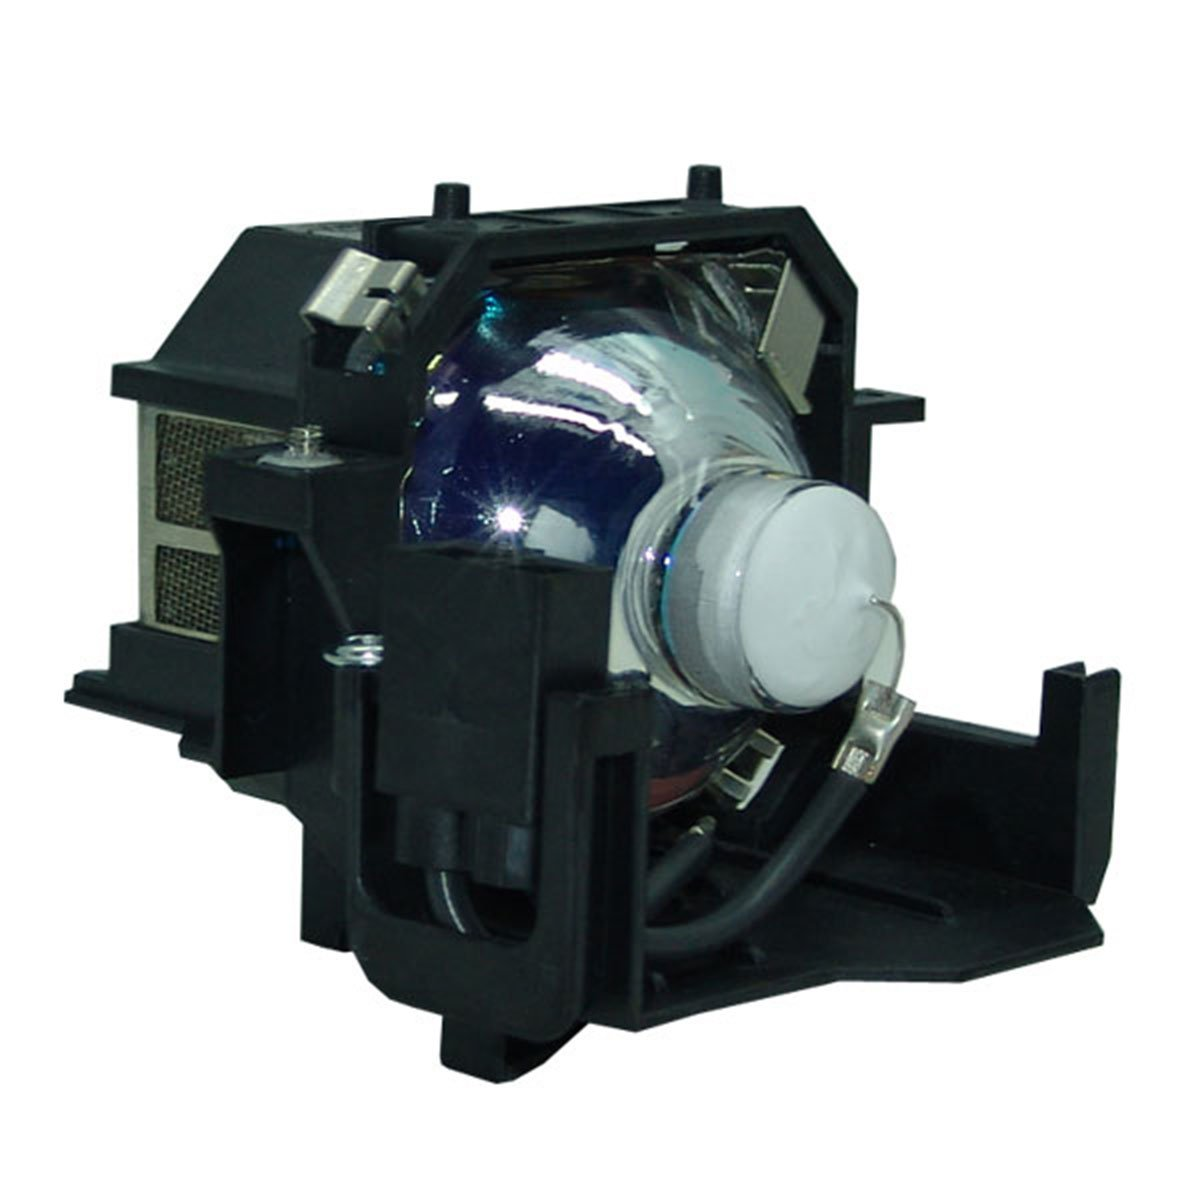 Ampoule Philips Originale /à lint/érieur Lutema Platinum pour Epson EB-W6 Lampe de Projecteur avec bo/îtier